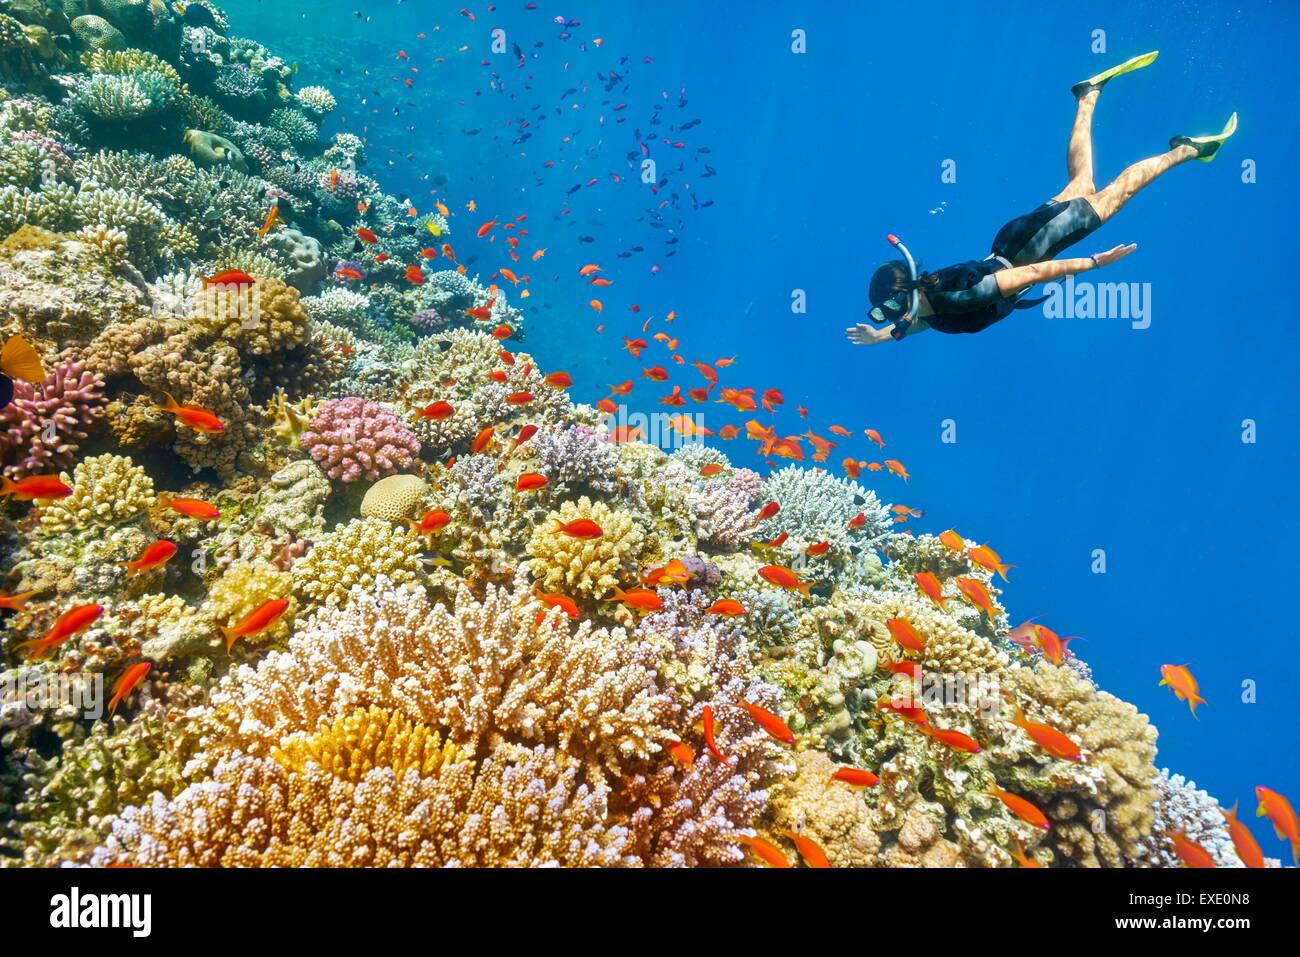 Mar Rosso, Egitto - donna snorkeling subacquea, Coral reef, buco blu vicino a Dahab Immagini Stock